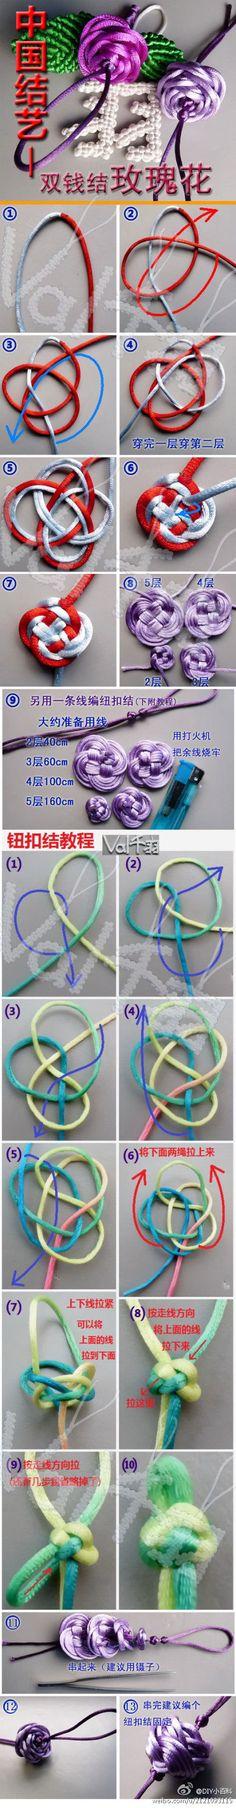 Cool Knots